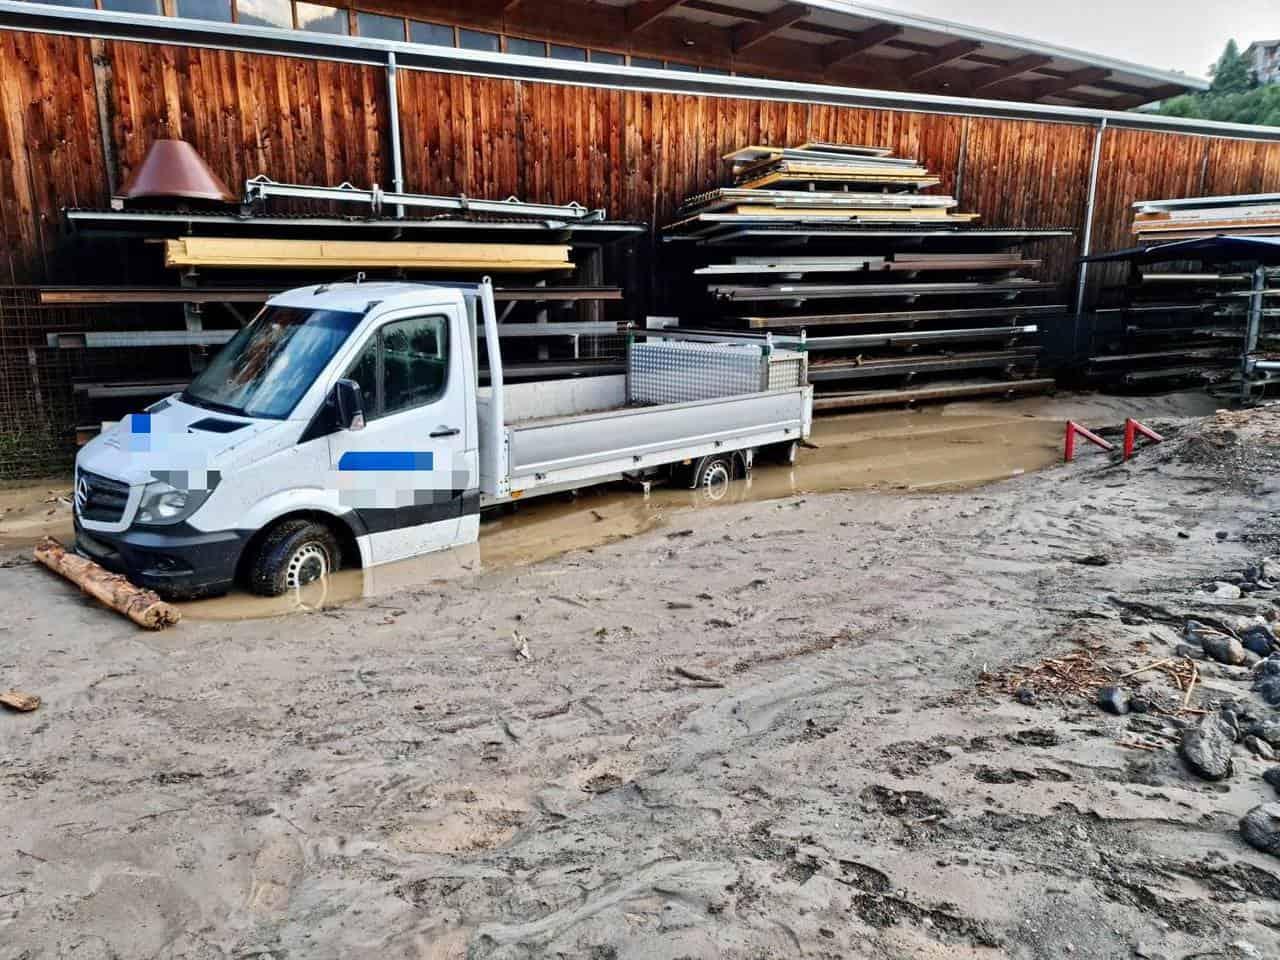 223800346 4311801938879818 2615448097713258361 n - Alluvione lampo in Alto Adige, ingenti danni. Ormai meteo estremo sempre più frequente